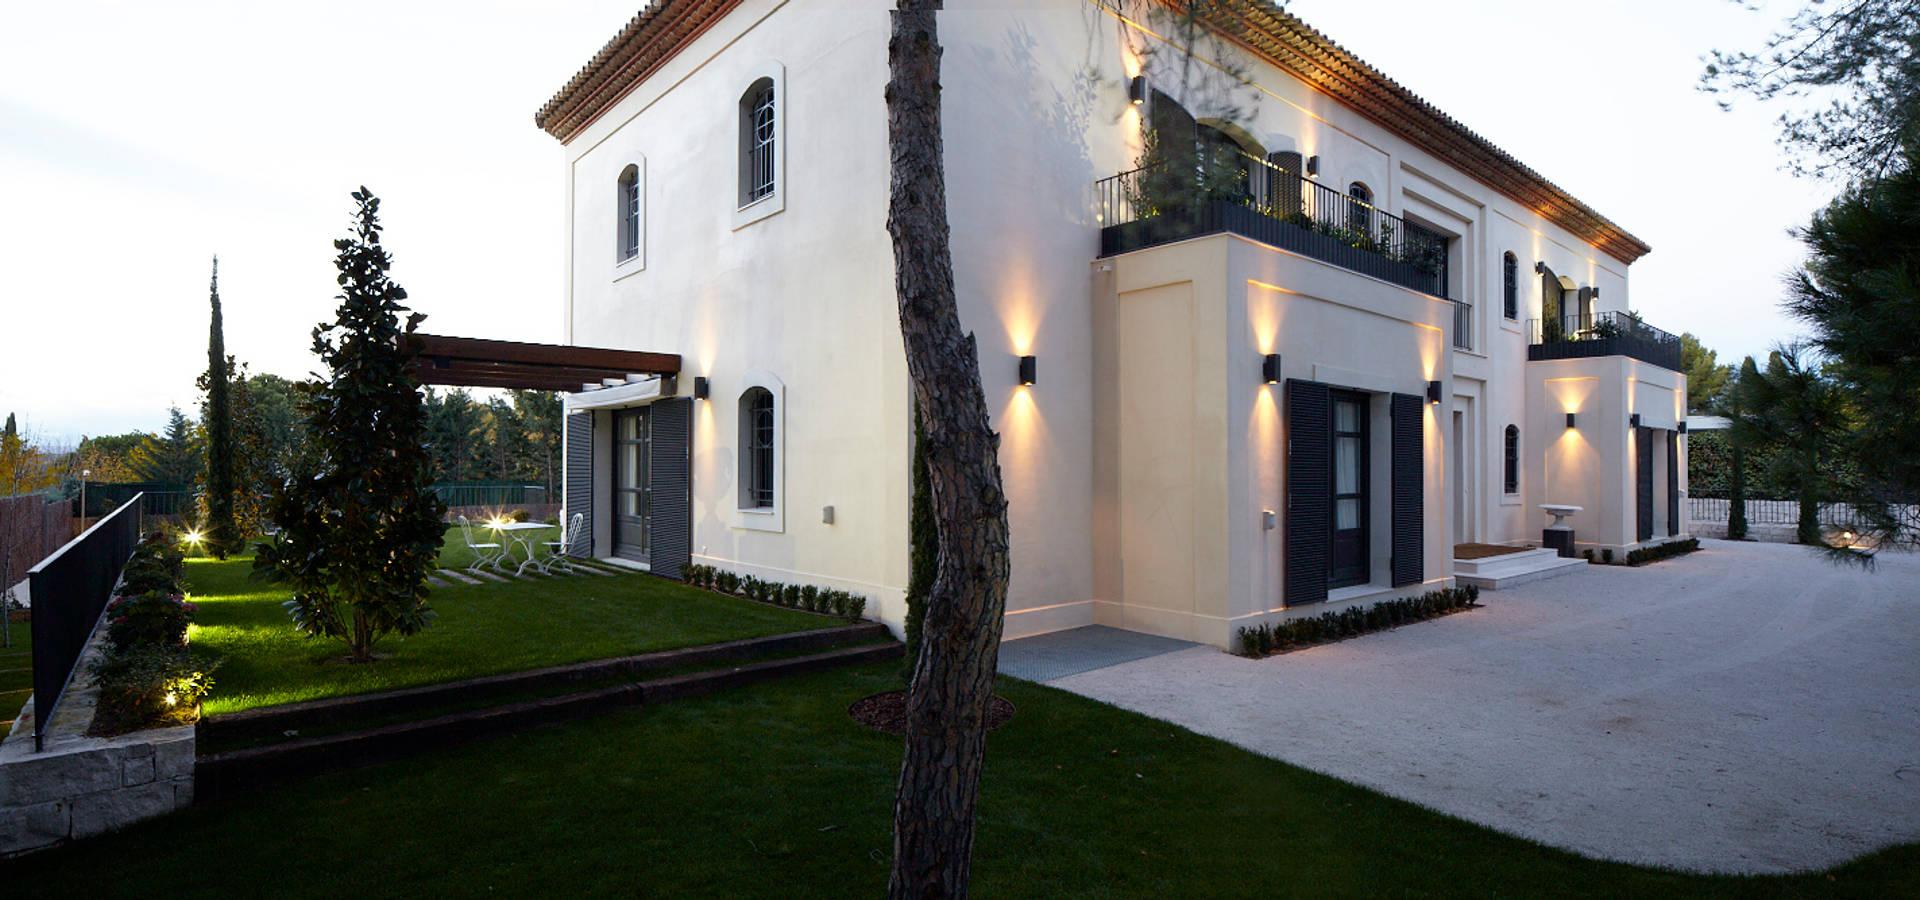 Serrano Suñer Arquitectura